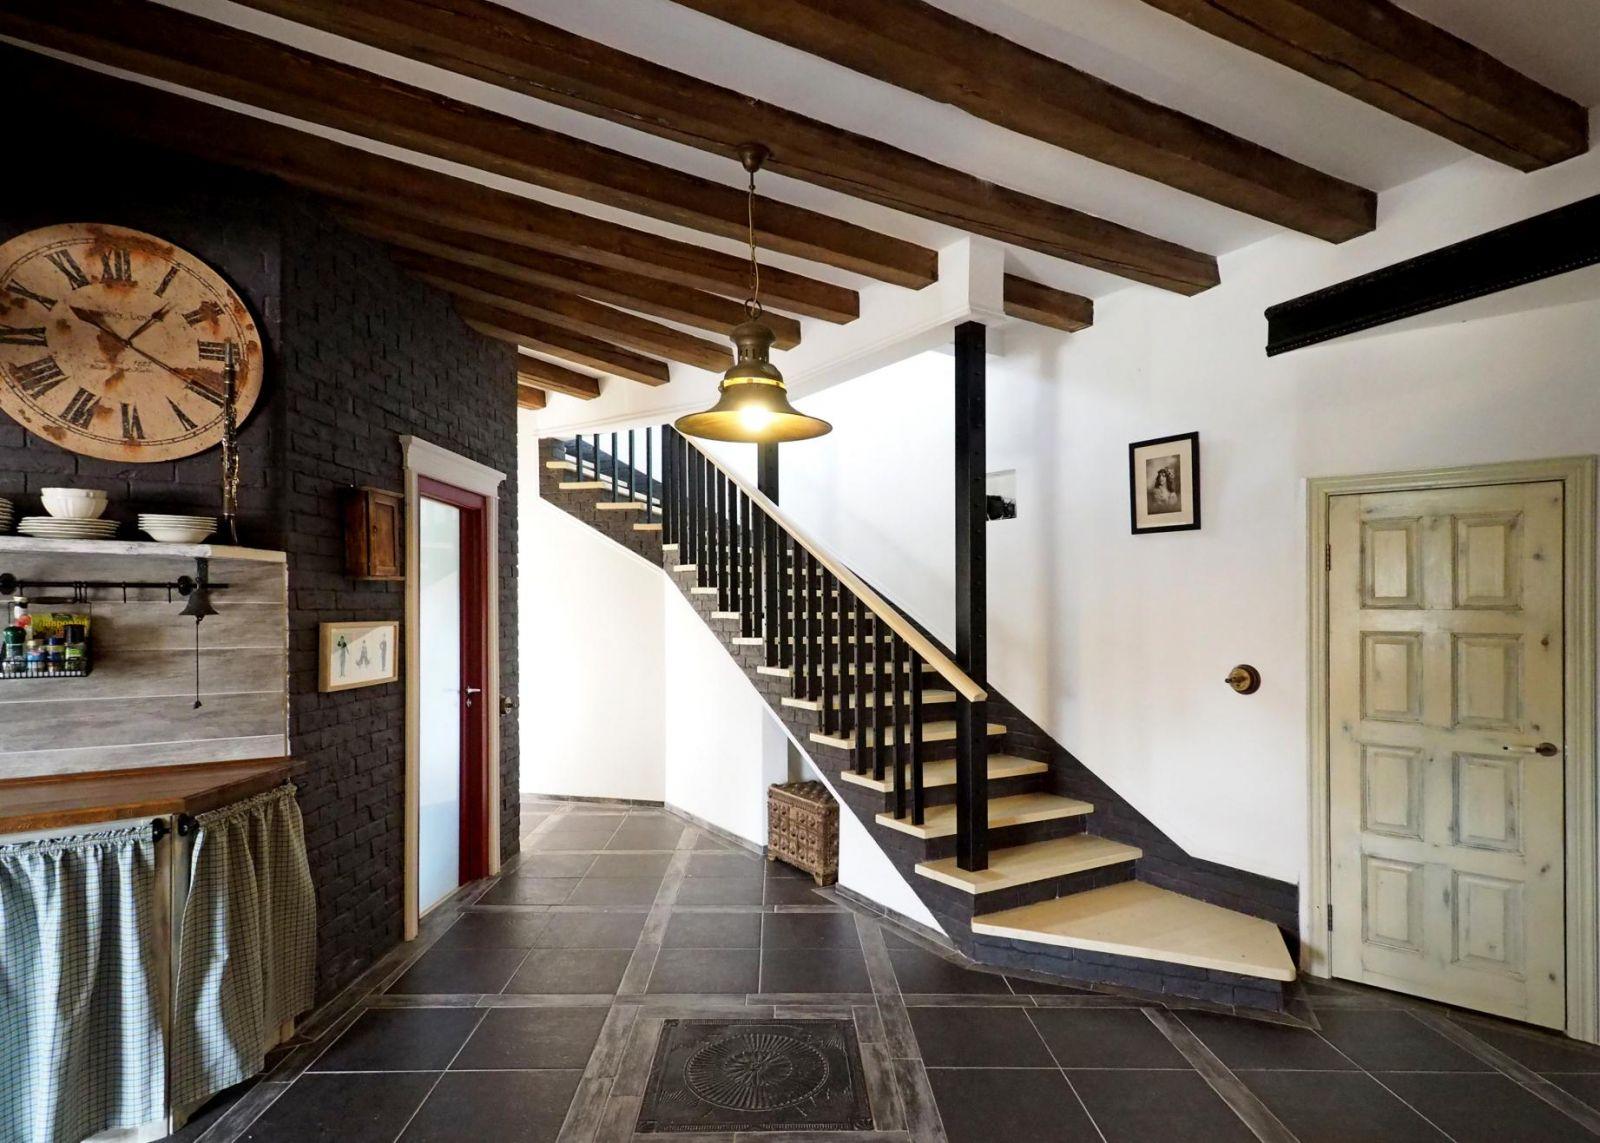 прихожая с лестницей в частном доме кантри фото